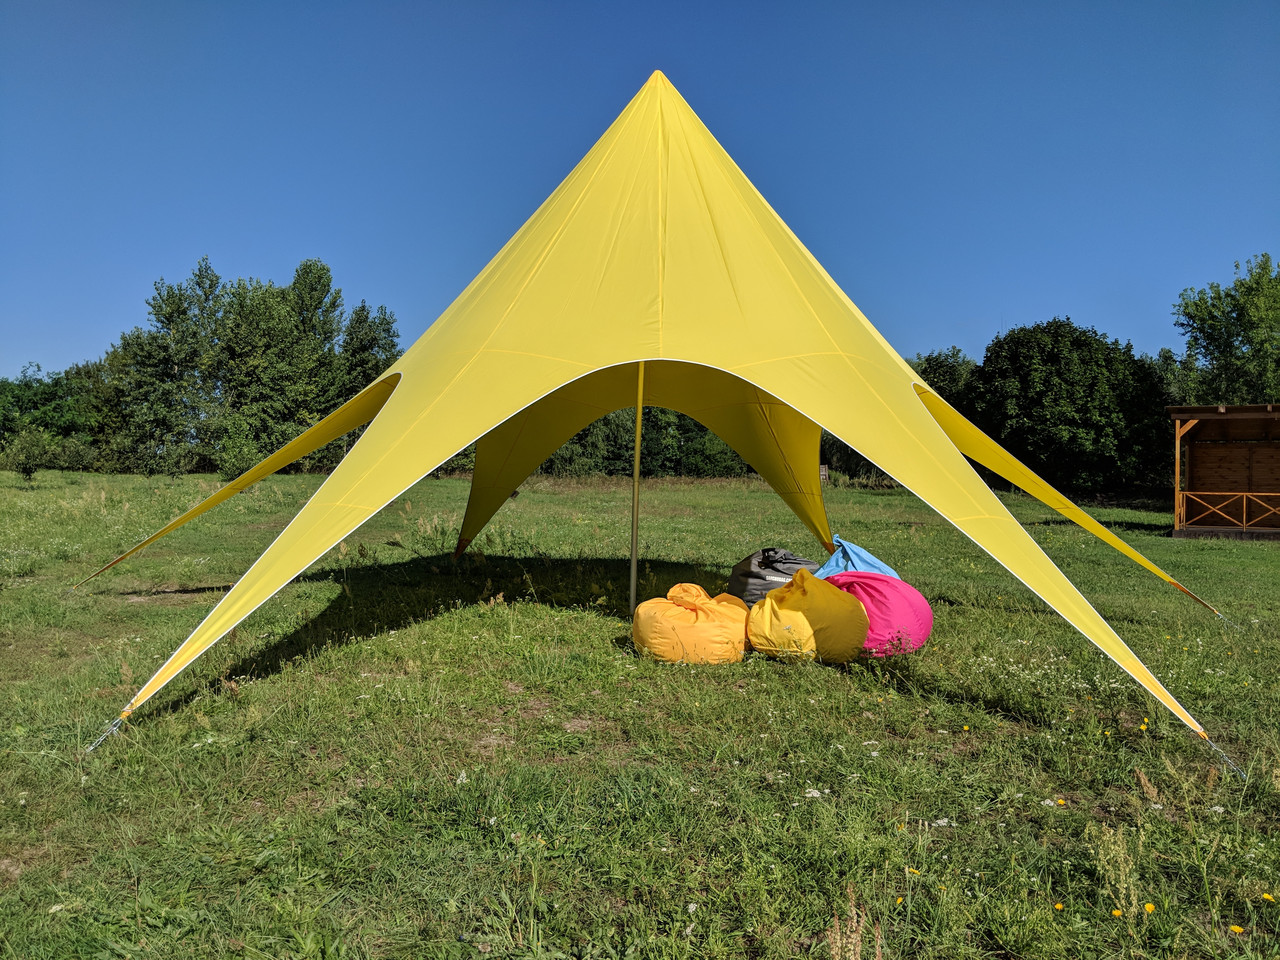 Палатка желтая, Звезда (бюджетная) 10 метровая для фестивалей, отдыха, спорта по Украине